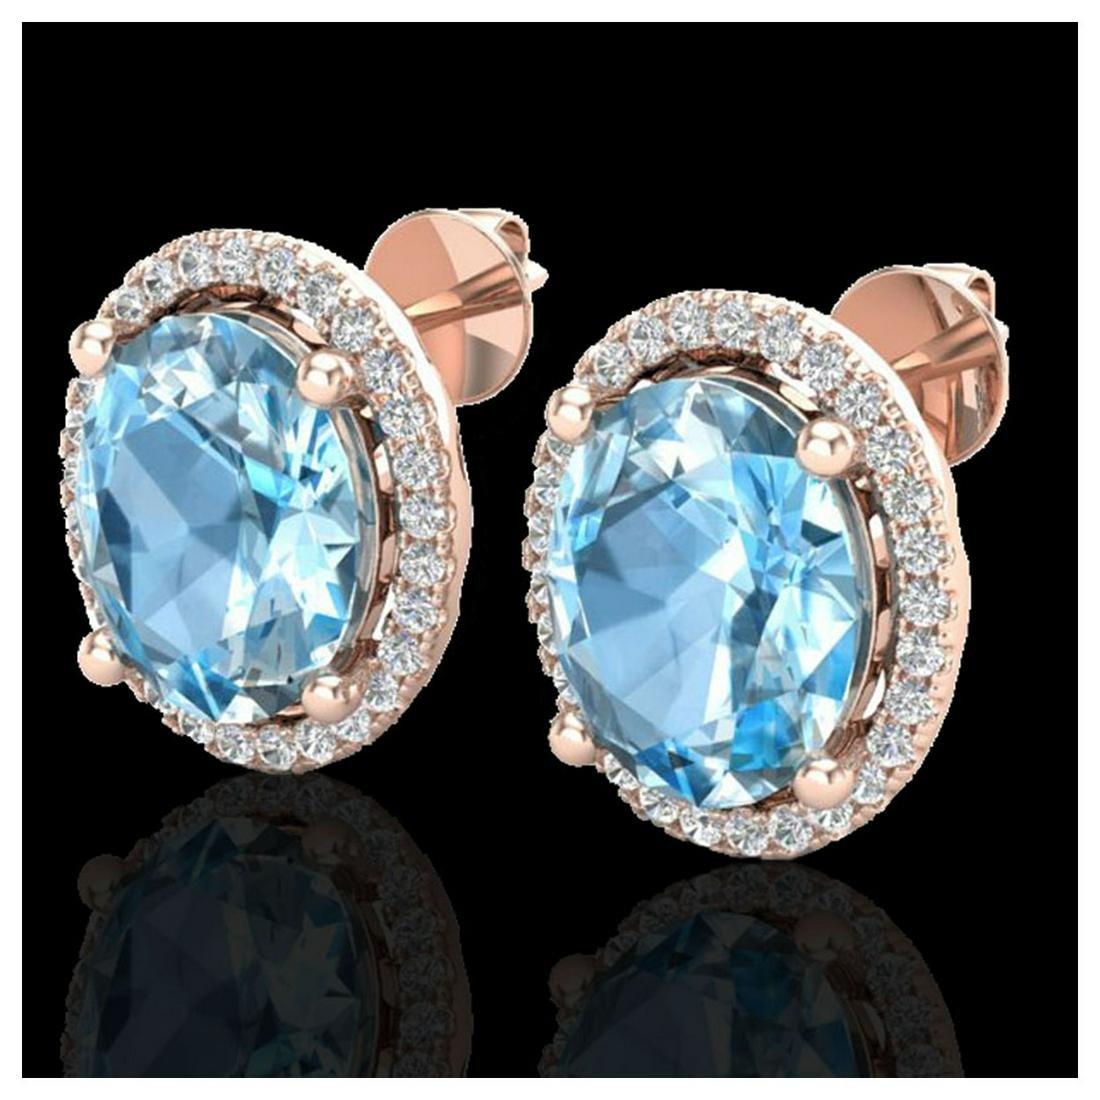 6 ctw Sky Blue Topaz & VS/SI Diamond Earrings 14K Rose